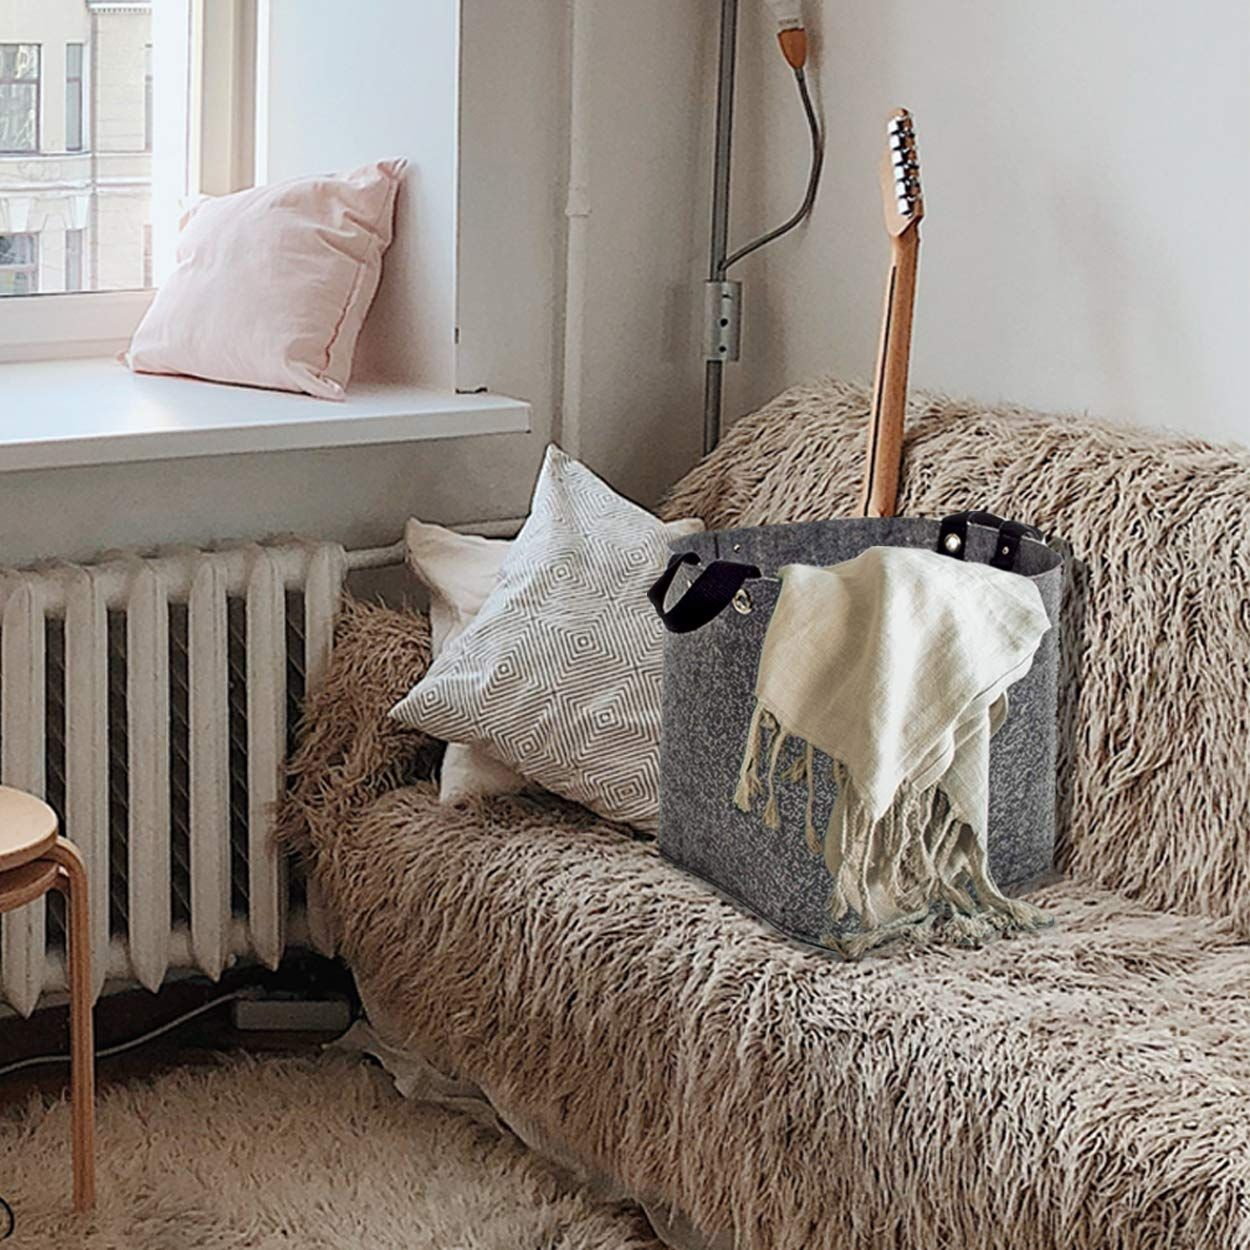 10+ Most Popular Storage Baskets Living Room